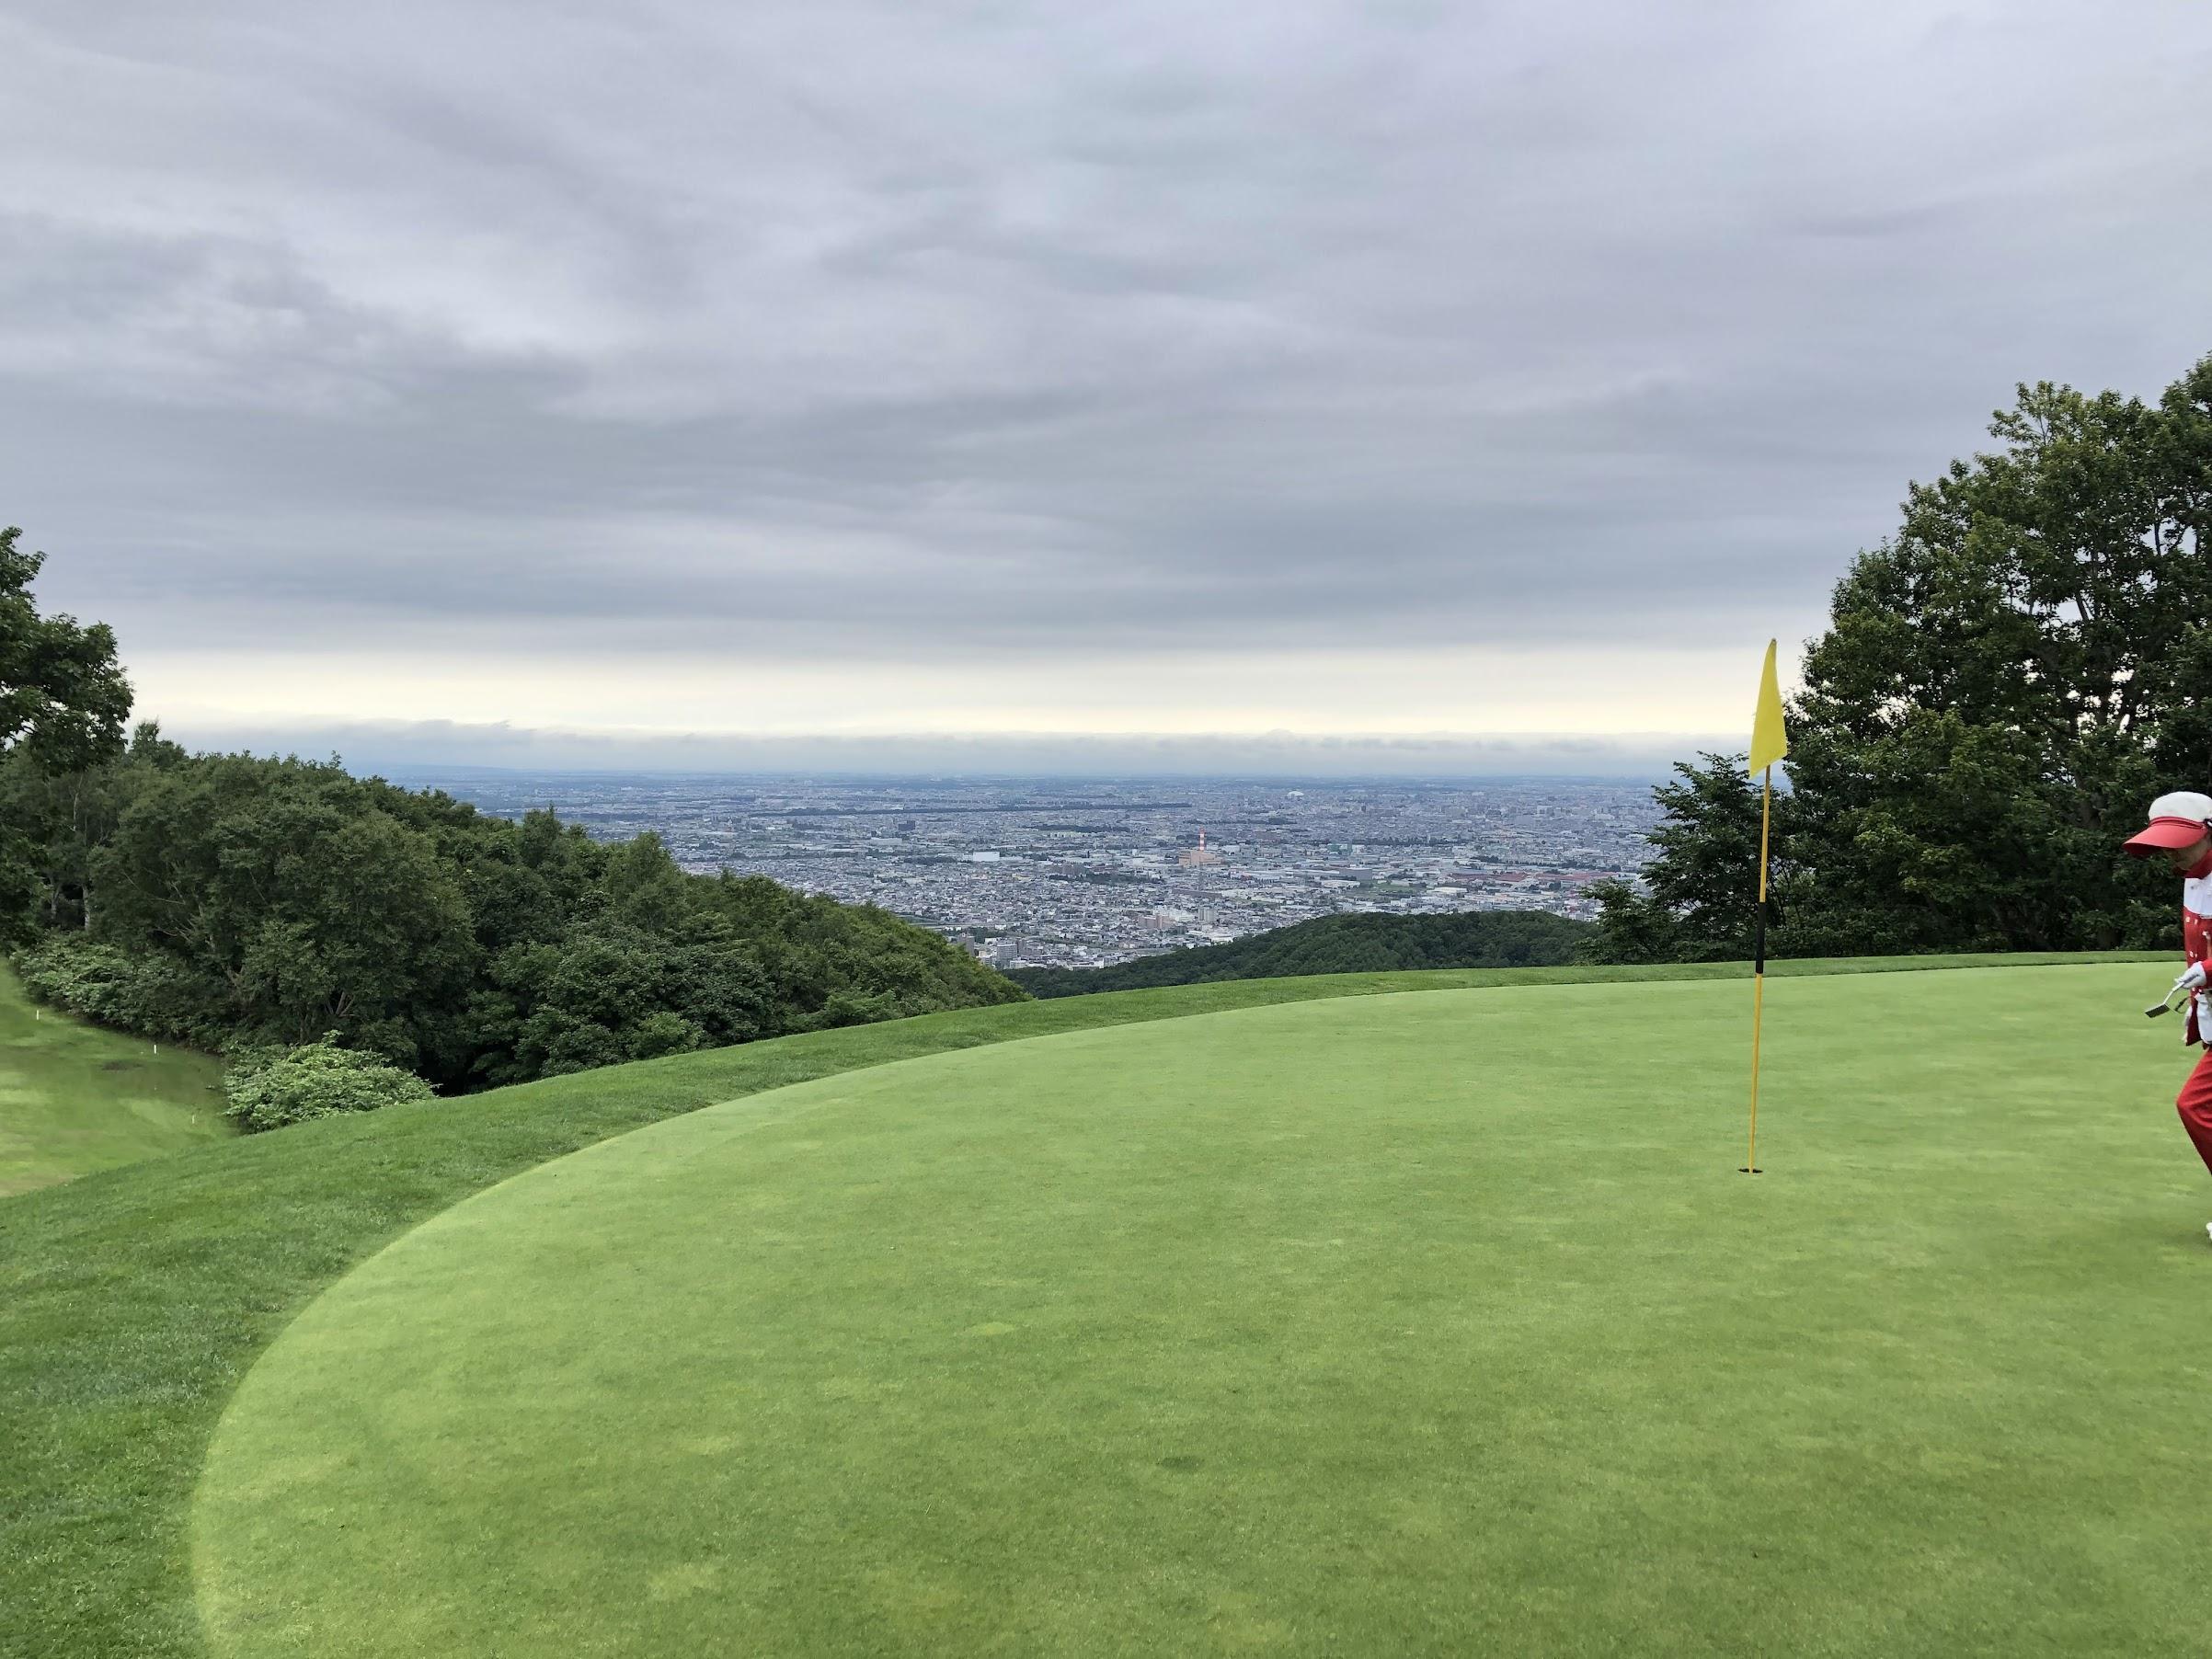 北海道ゴルフツアー2019 第6戦/第7戦 - 北海道 札幌テイネゴルフ倶楽部